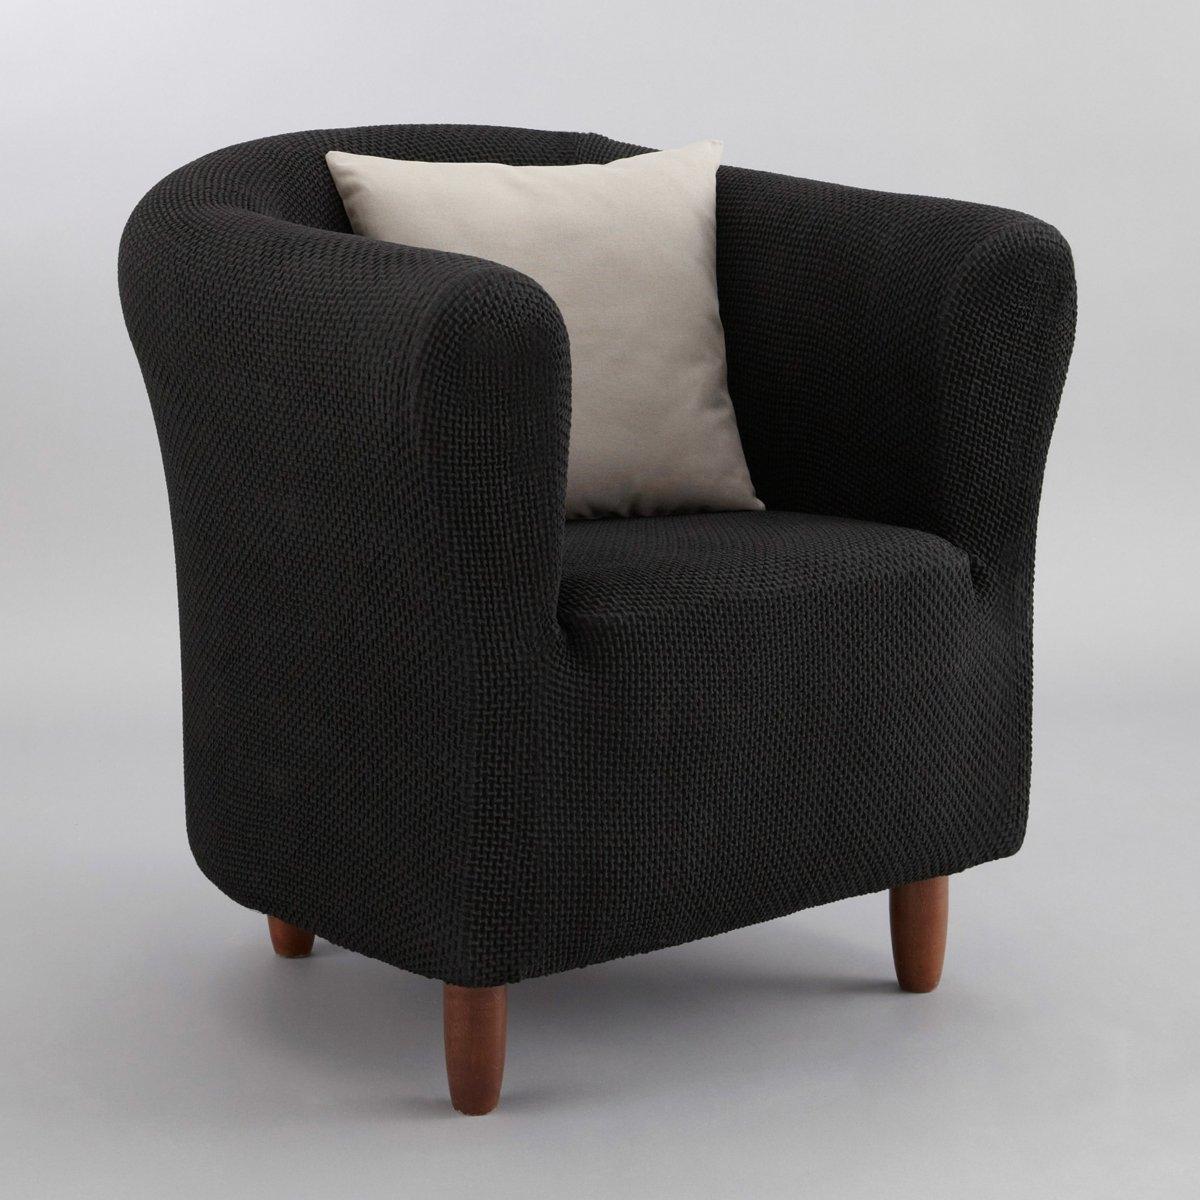 Чехол для креслаИз эластичной гофрированной ткани, 55% хлопка, 40% полиэстера, 5% эластана. Стирка при 30°. Эластичный низ.<br><br>Цвет: антрацит,красный,серо-коричневый каштан,серый,черный<br>Размер: единый размер.единый размер